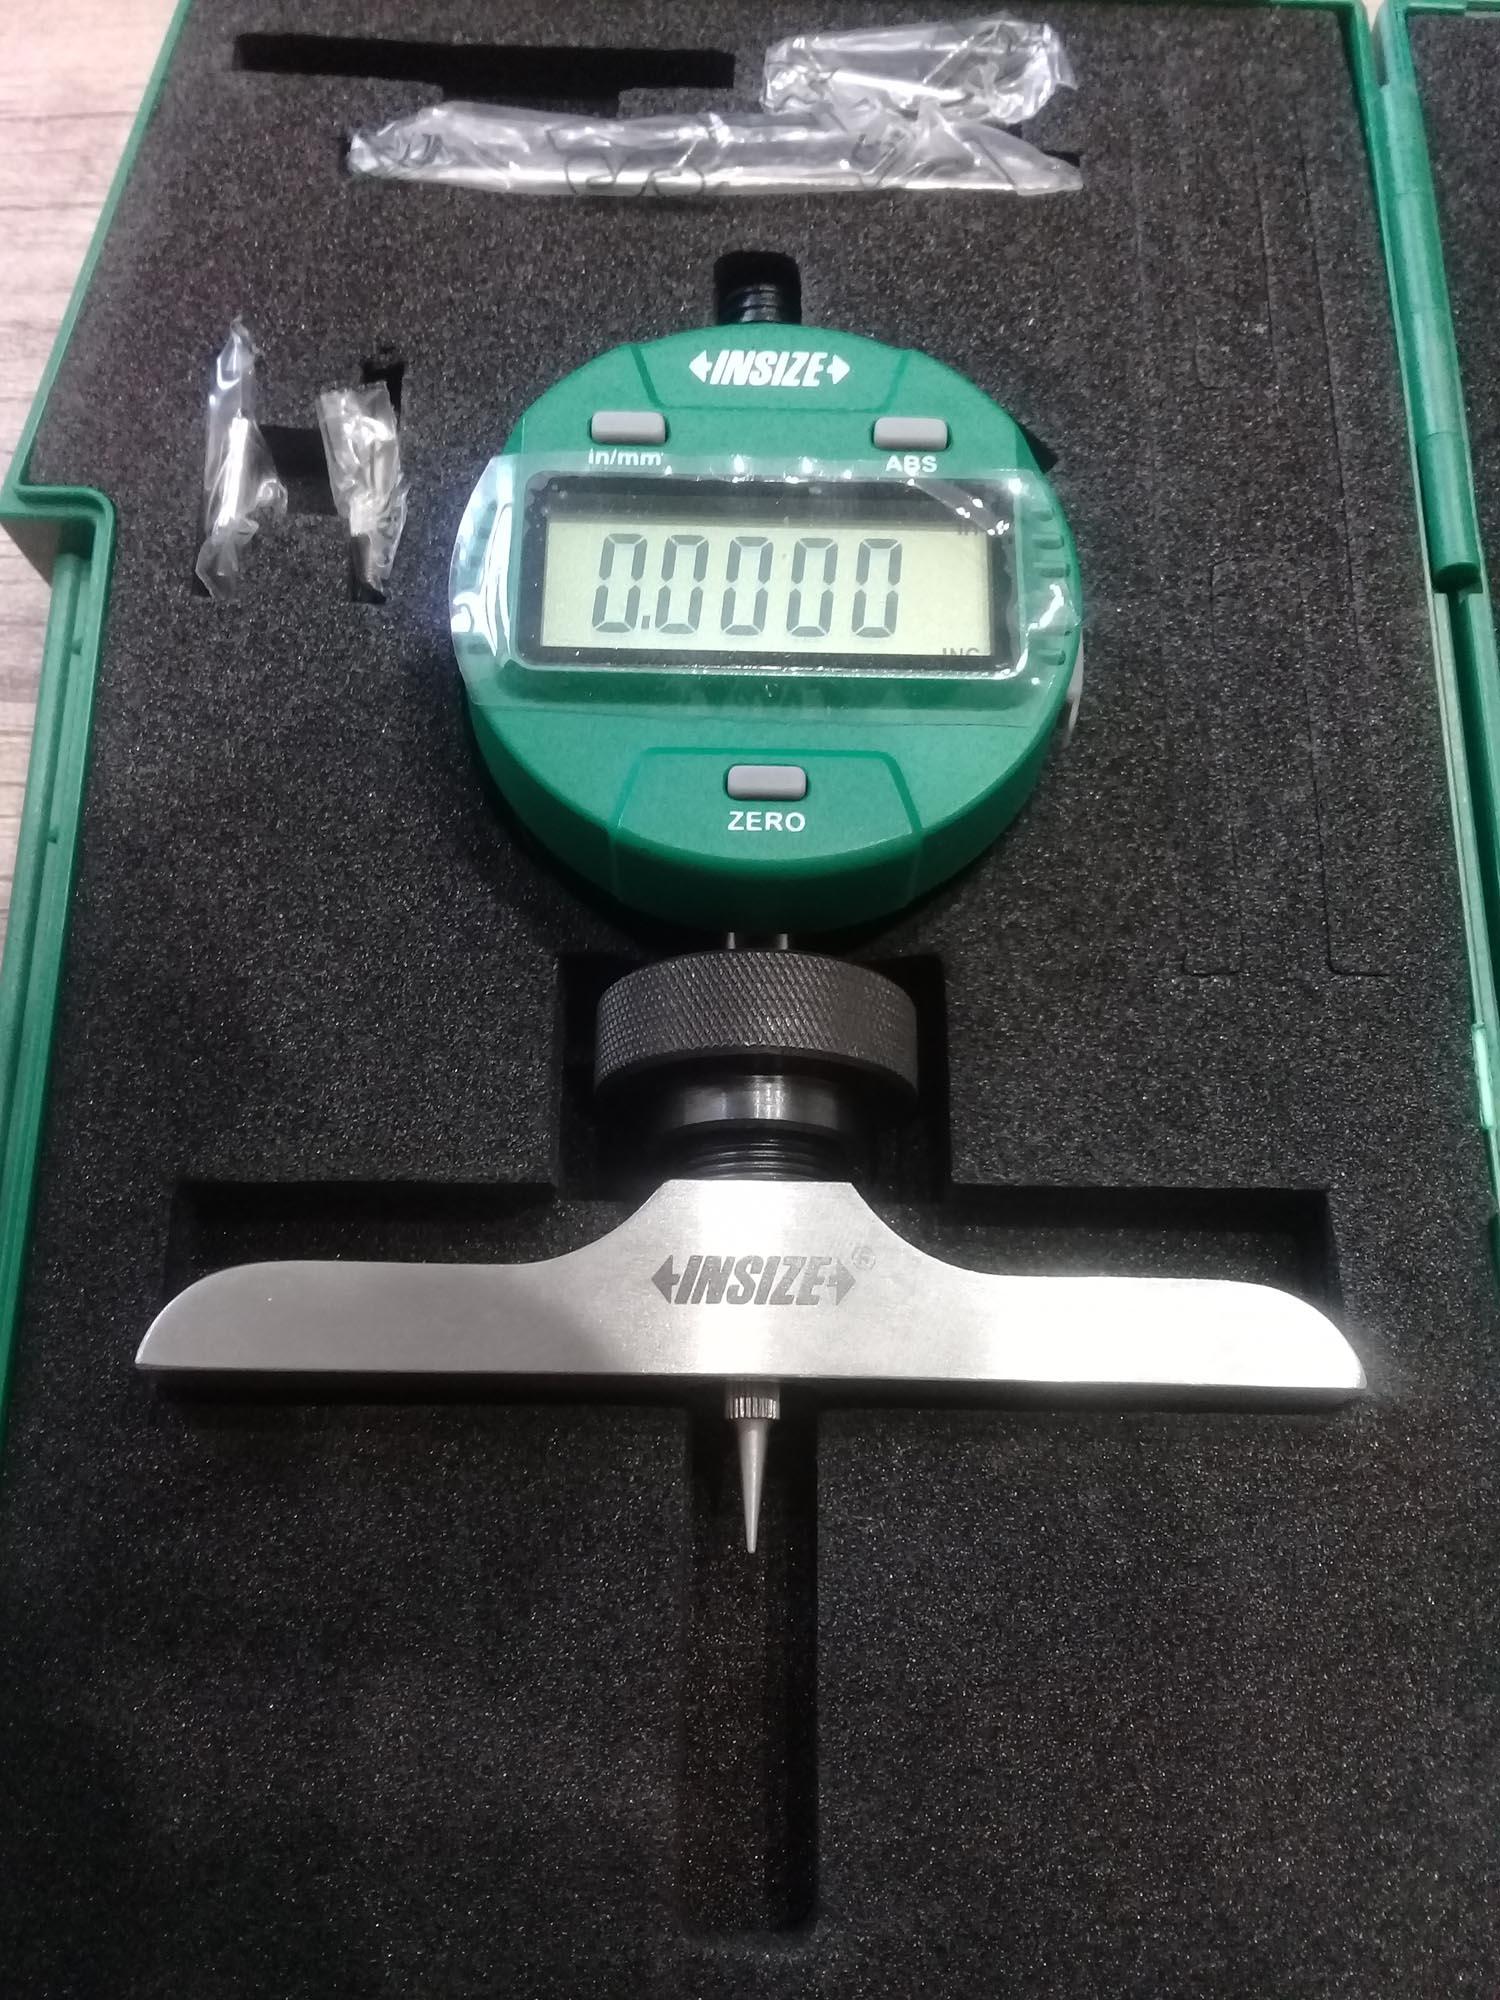 دستگاه عمق سنج دیجیتال INSIZE مدل 202A-2141